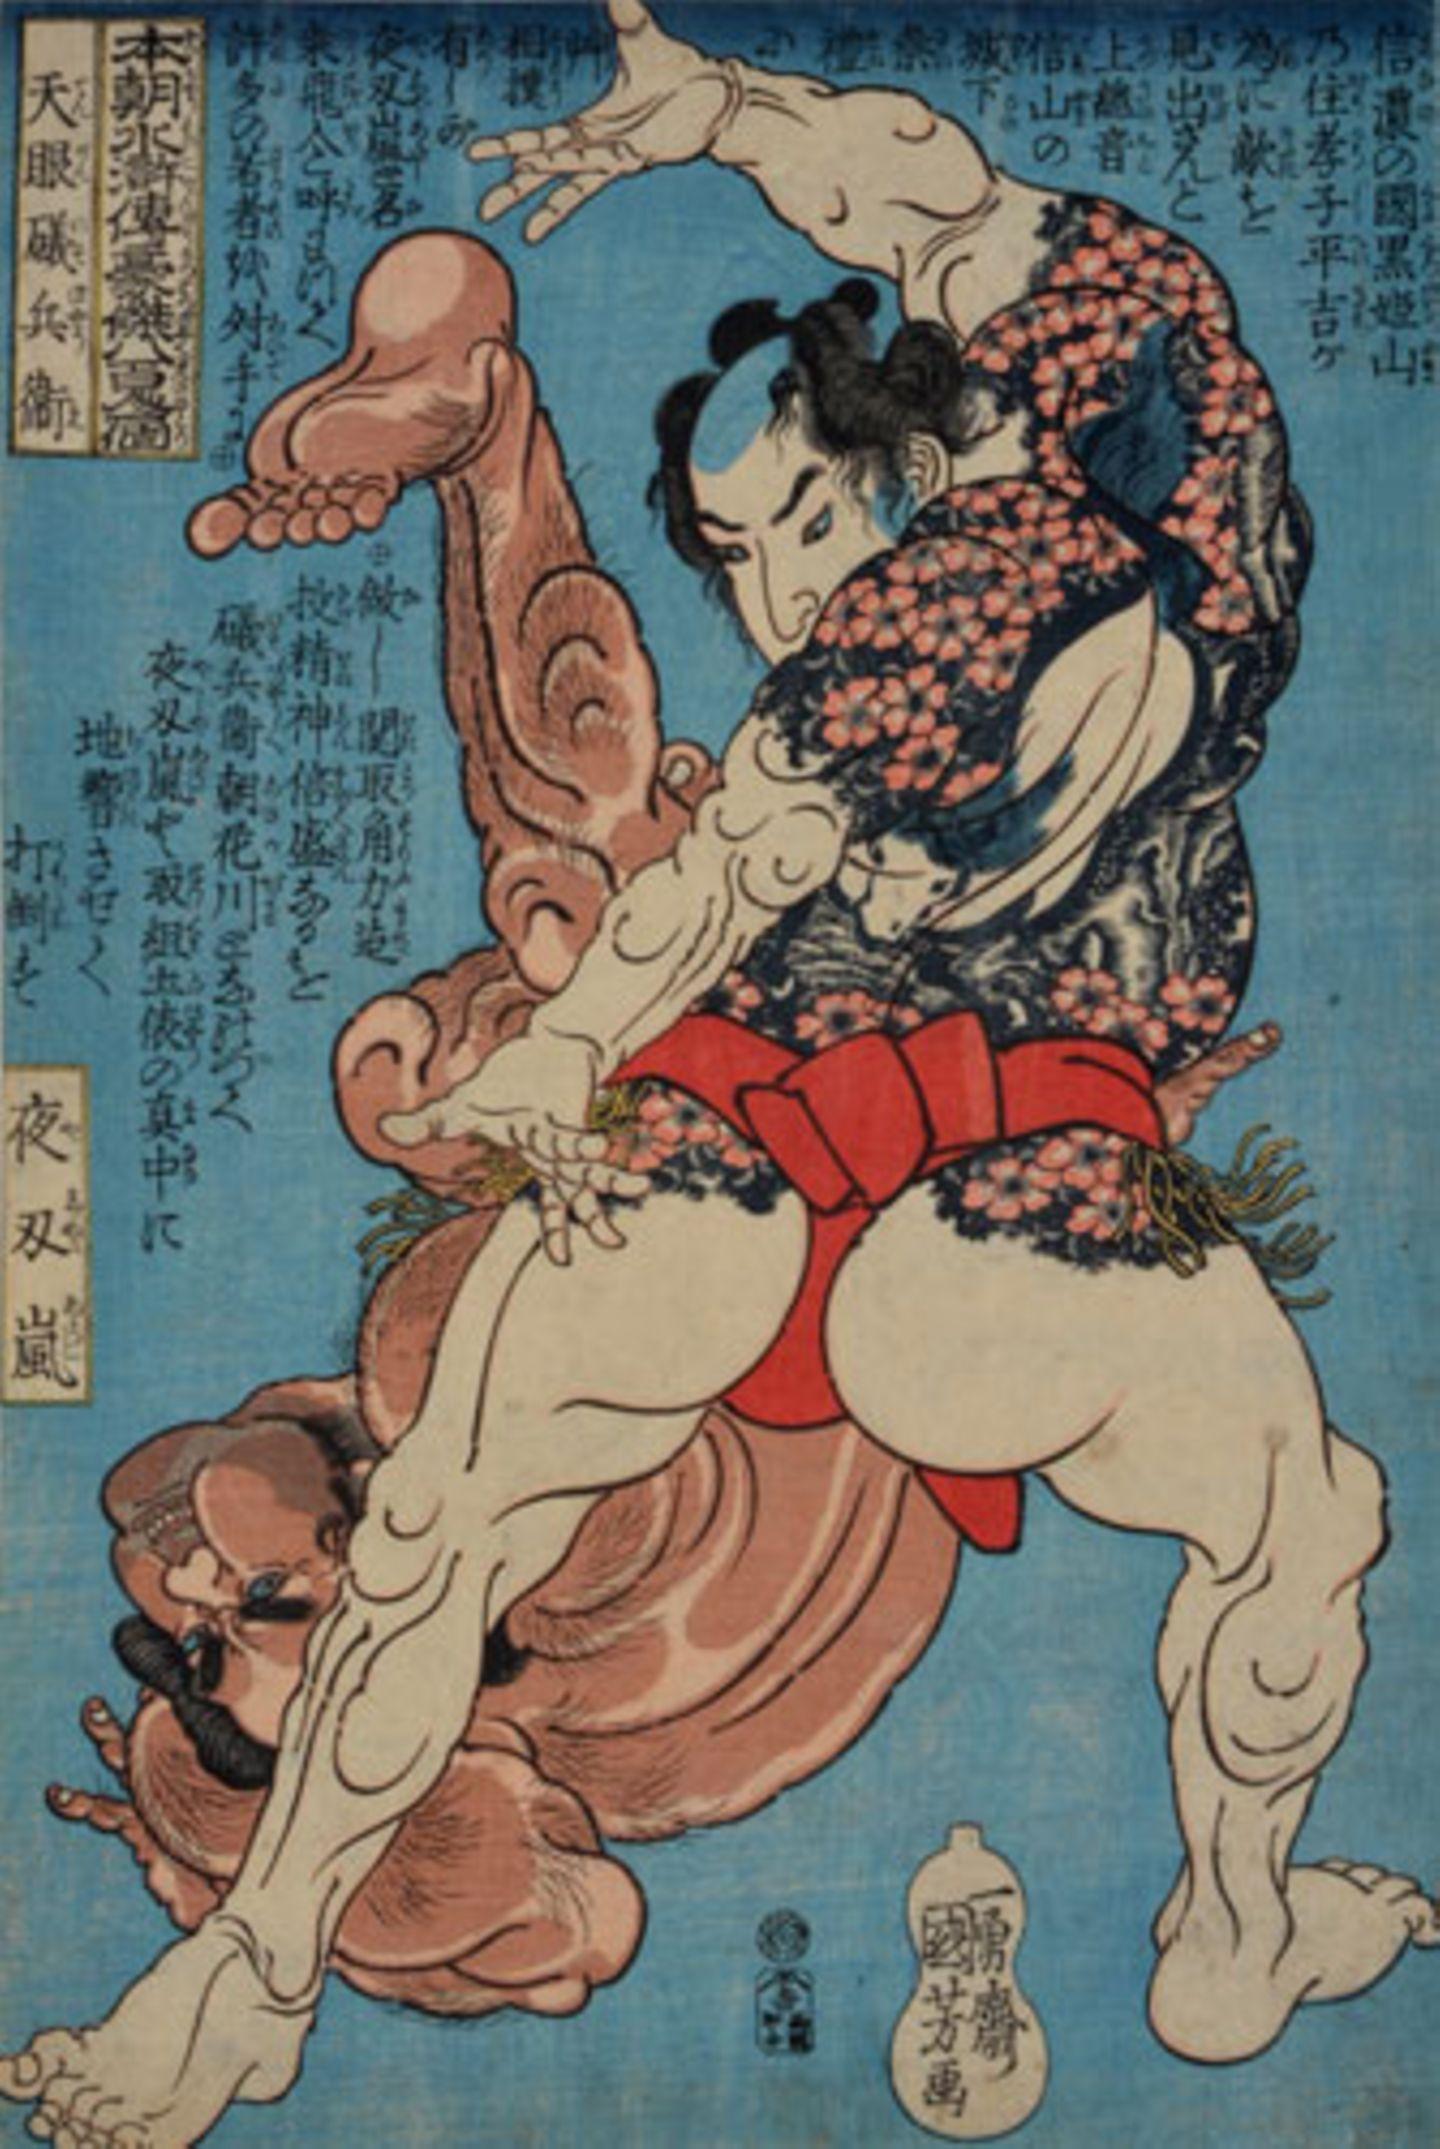 Utagawa Kuniyoshi, Tengan Isobyôe und Yajin Ran, Farbholzschnitt um 1830-1845